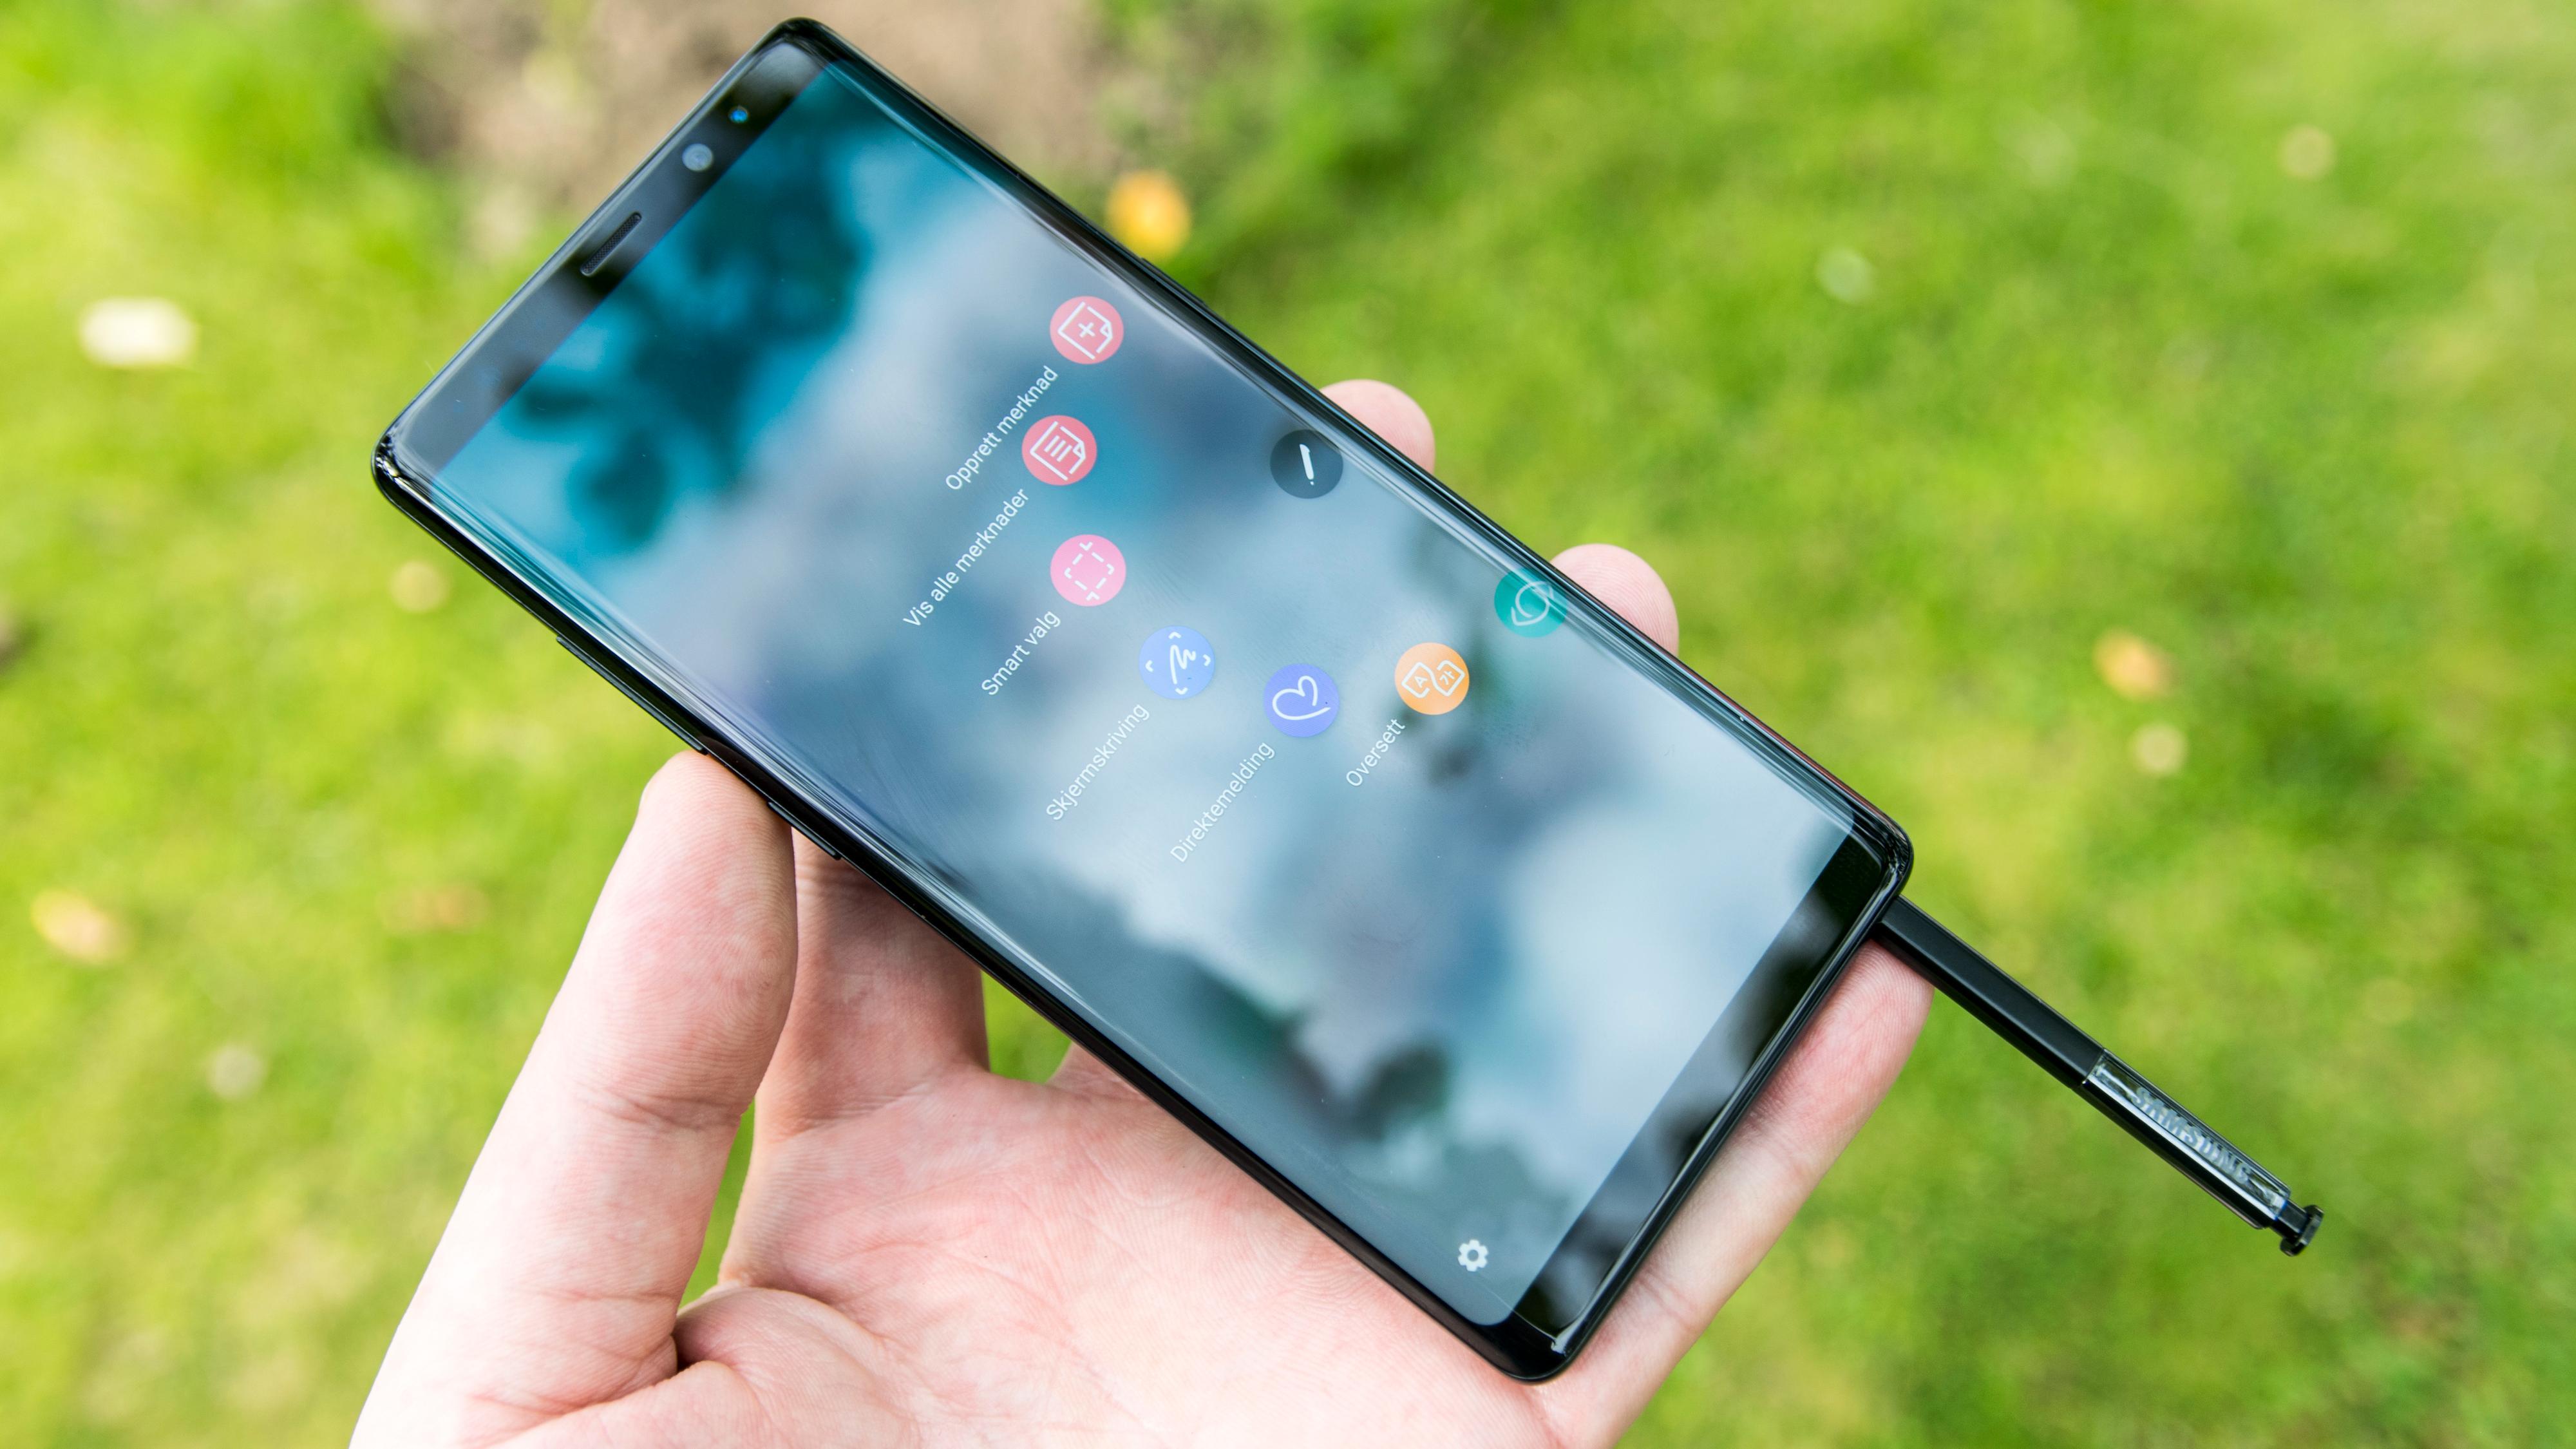 Galaxy Note 8-eiere opplever at telefonen ikke kan lades opp igjen når batteriet går tomt